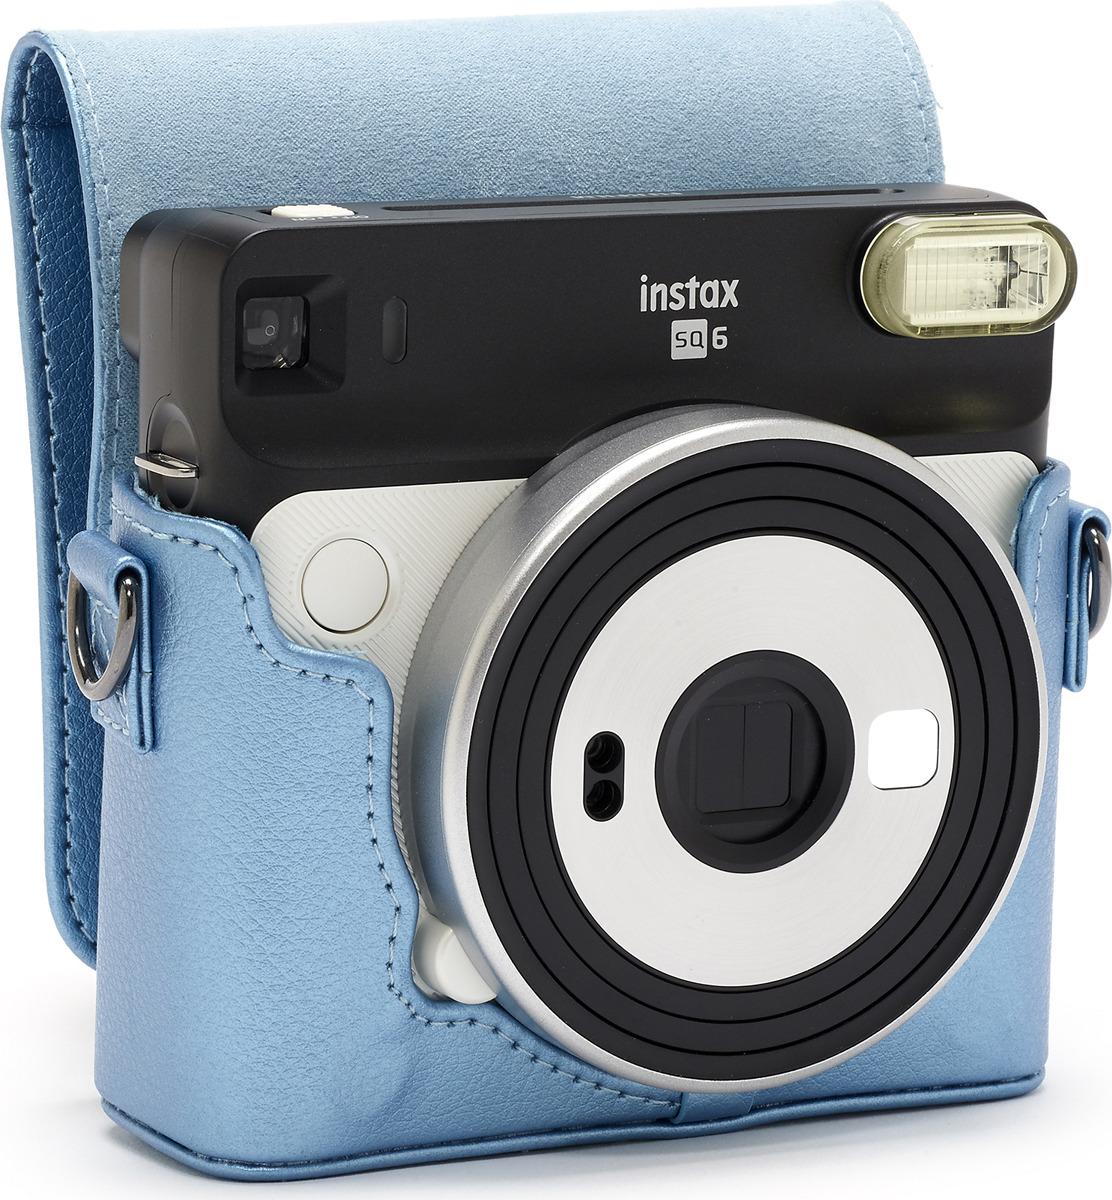 Объектив пентакс для пленочных фотоаппаратов всего